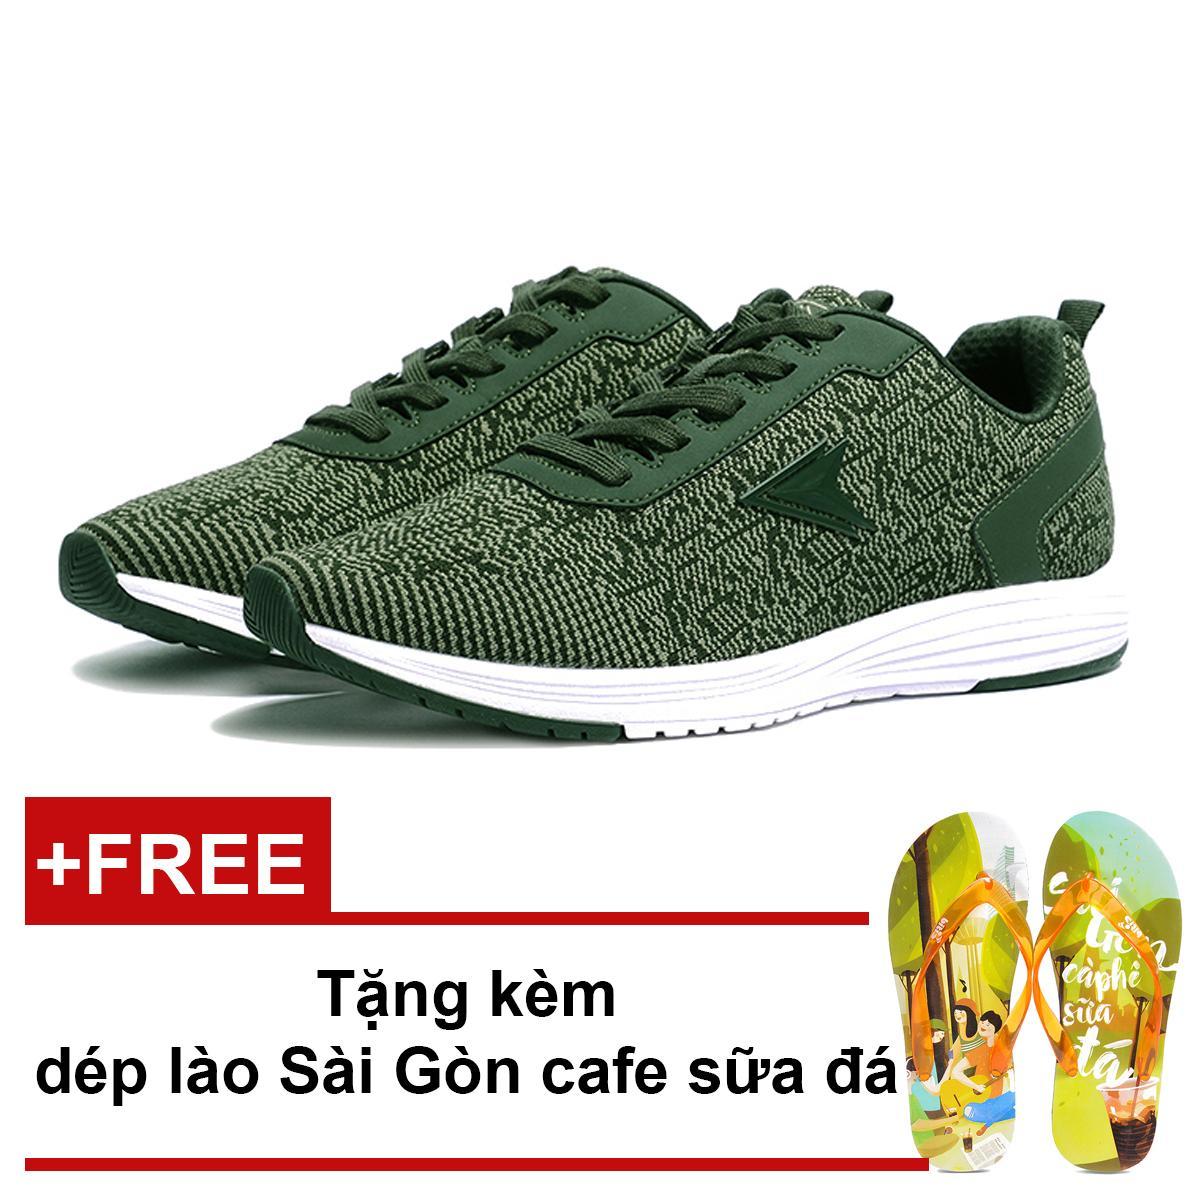 Giay Thế Thao Nam Bitis Hunter Dark Tribal Green Dsm068833Reu Tặng Dep Lao Sai Gon Cafe Sữa Đa Biti S Chiết Khấu 40